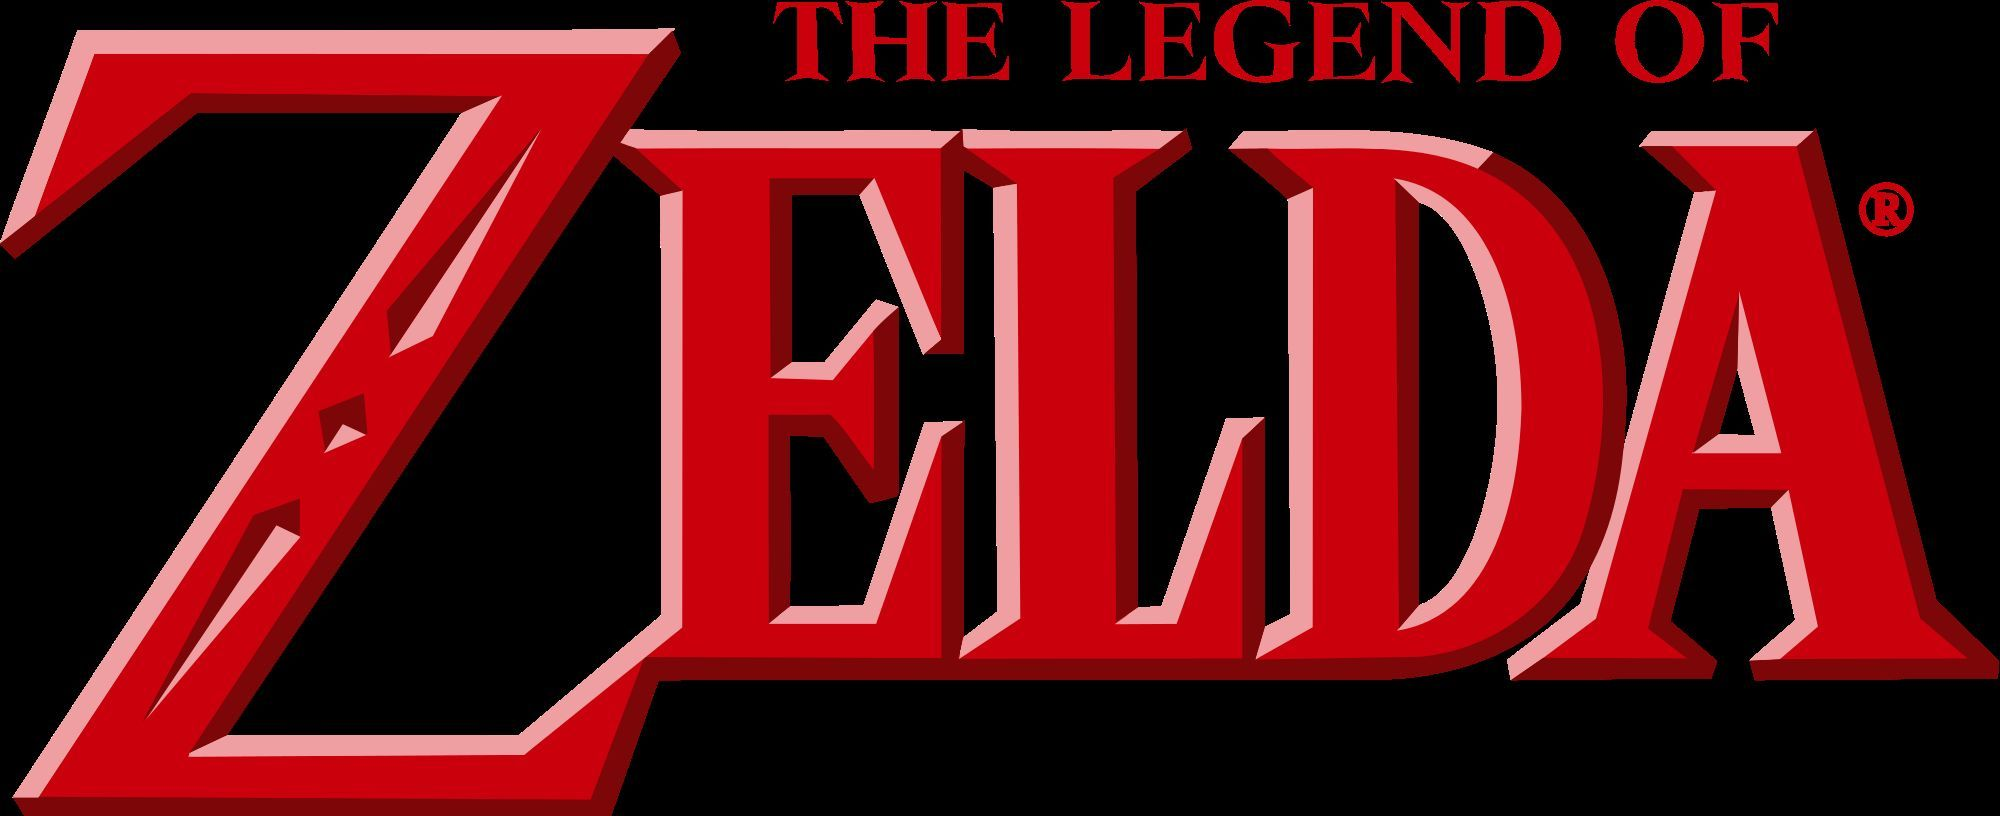 13941 - ¿Eres un experto en The Legend of Zelda?